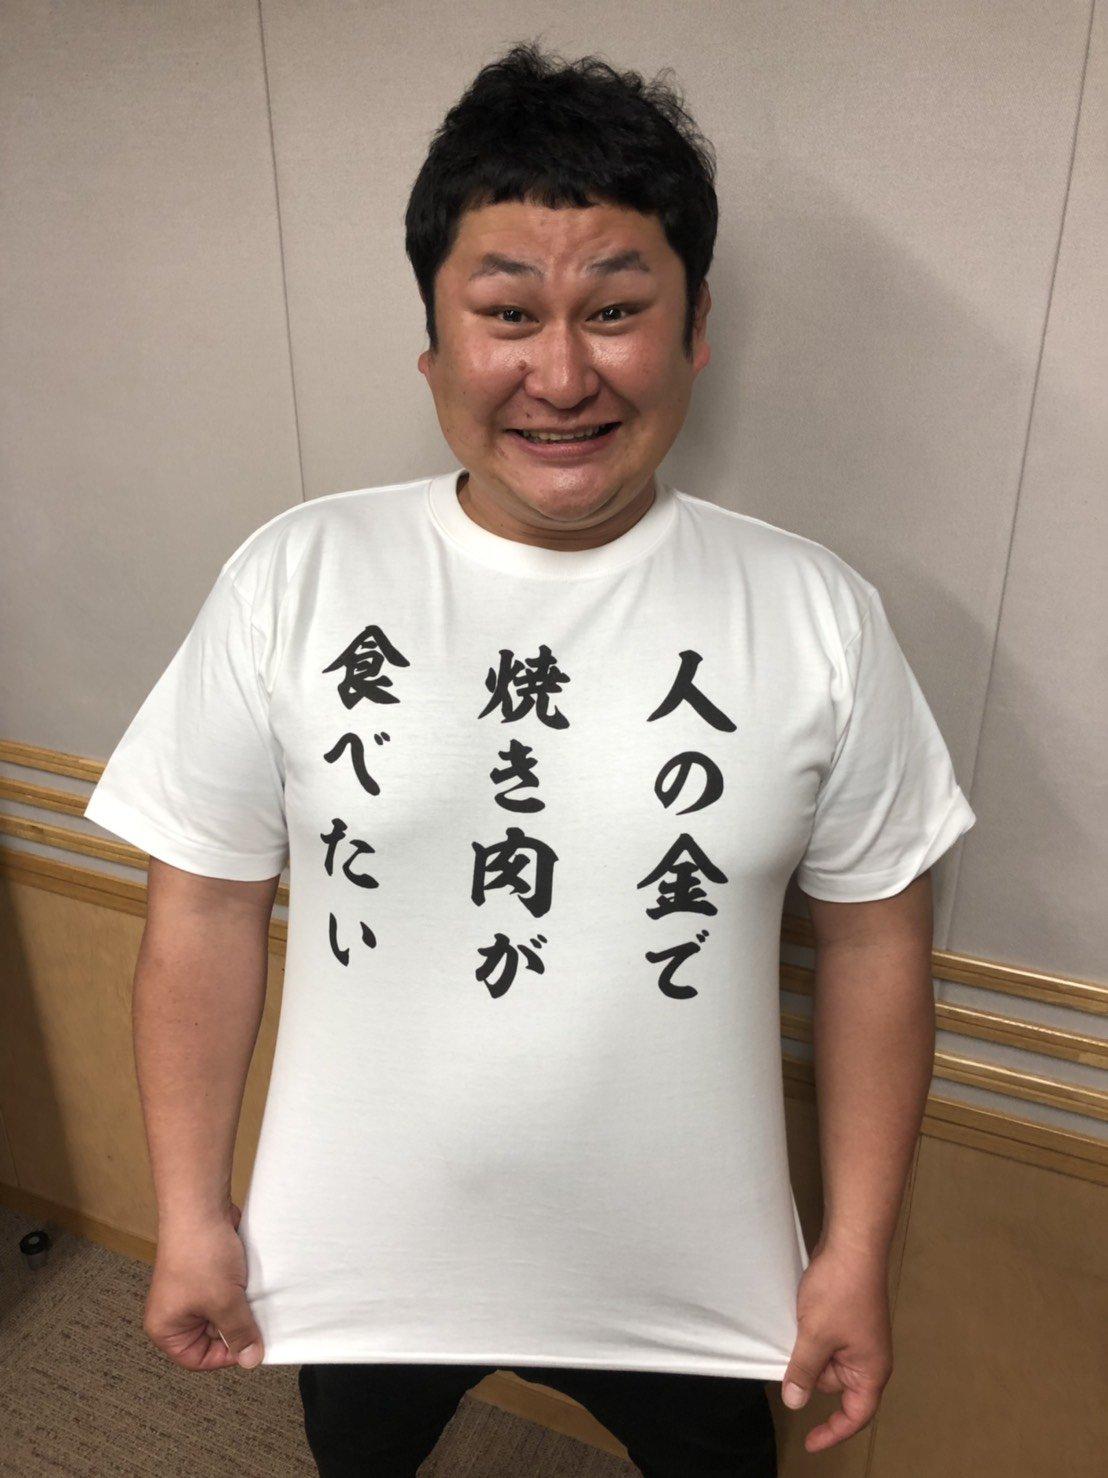 【レコメン!】乃木坂46堀未央奈、オテンキのりに「人の金で焼き肉が食べたい」Tシャツをプレゼント